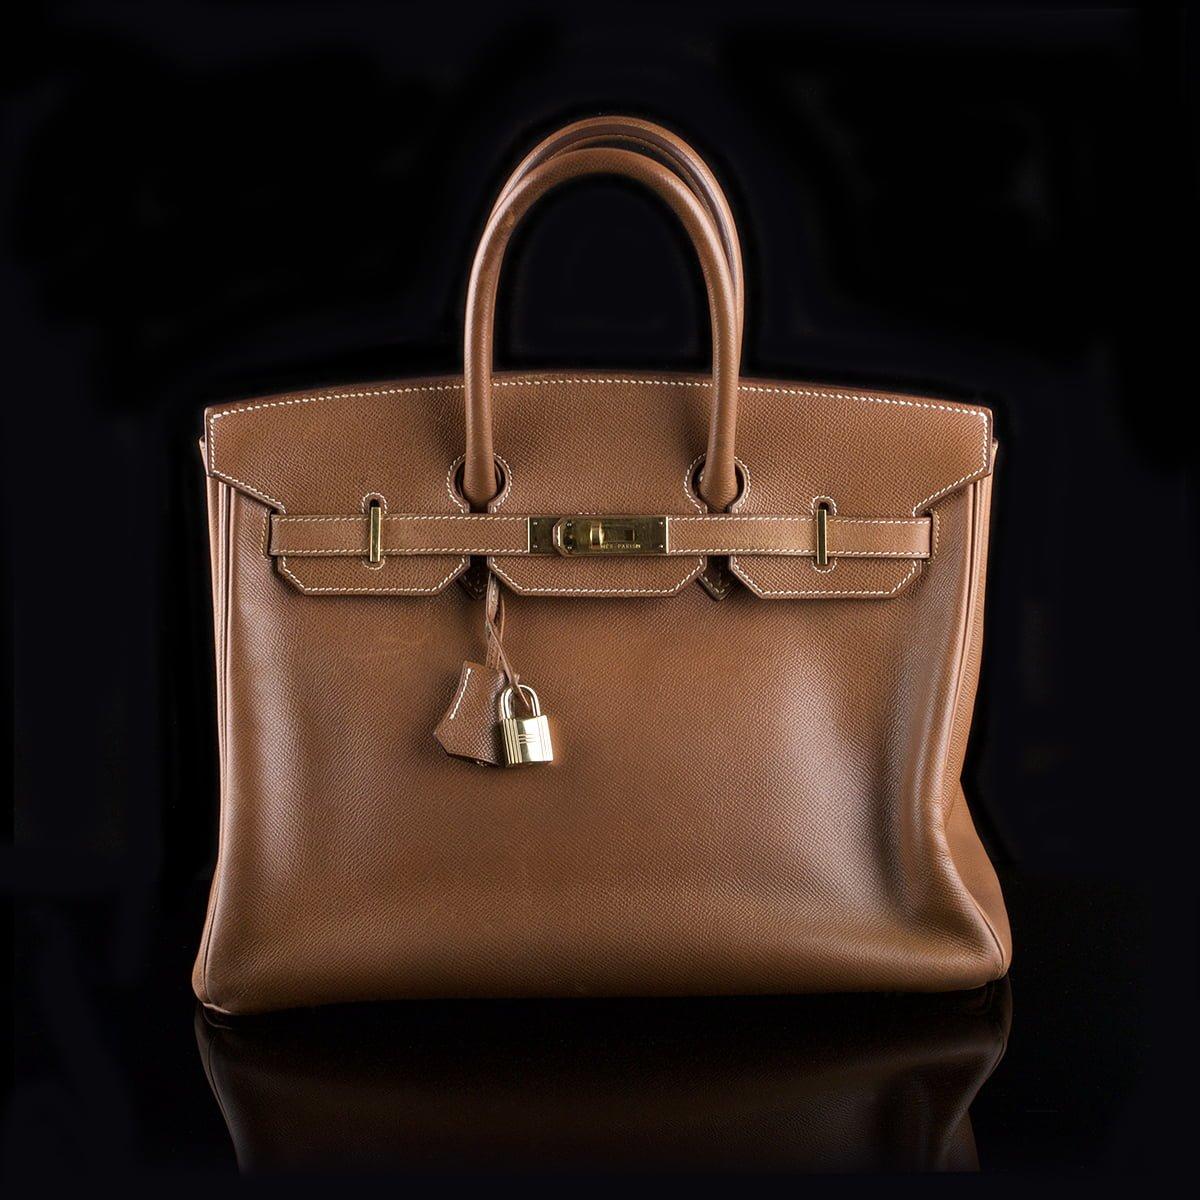 392a44fe624e Hermès Birkin 35 Handbag Cognac Epsom Leather - Classic390